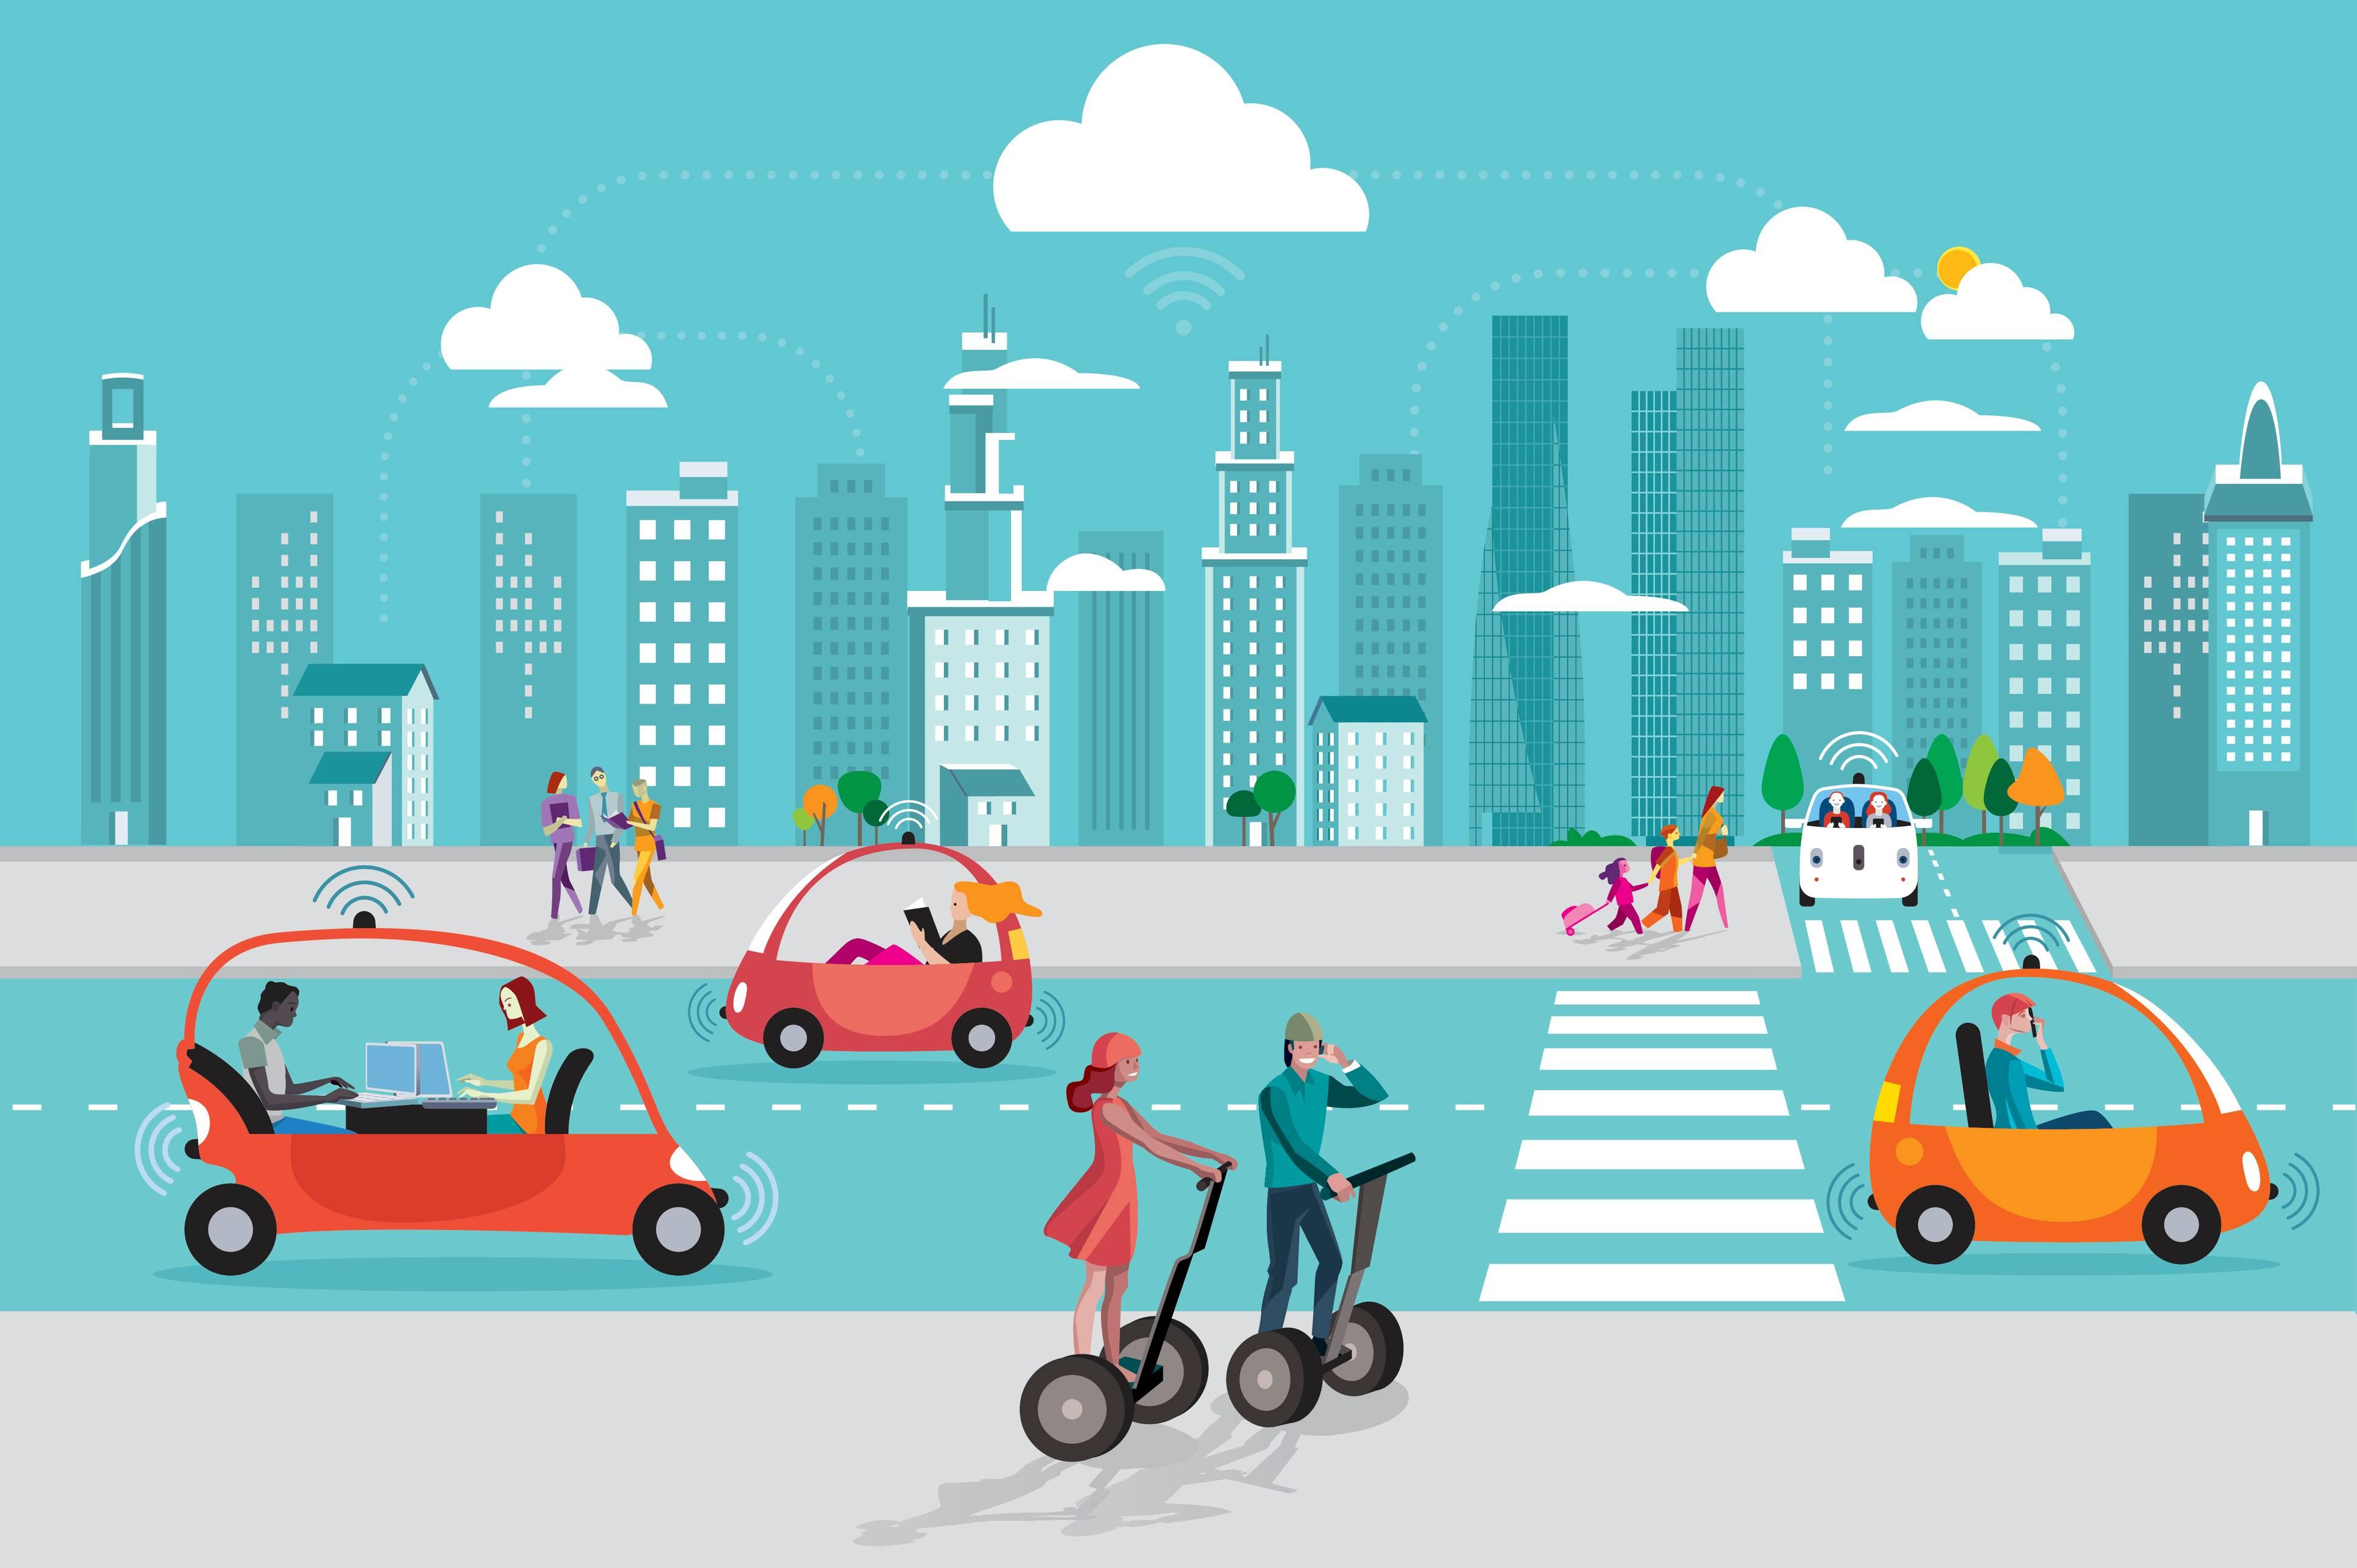 """以色列有意成新一代""""底特律"""" 聚焦无人驾驶汽车"""